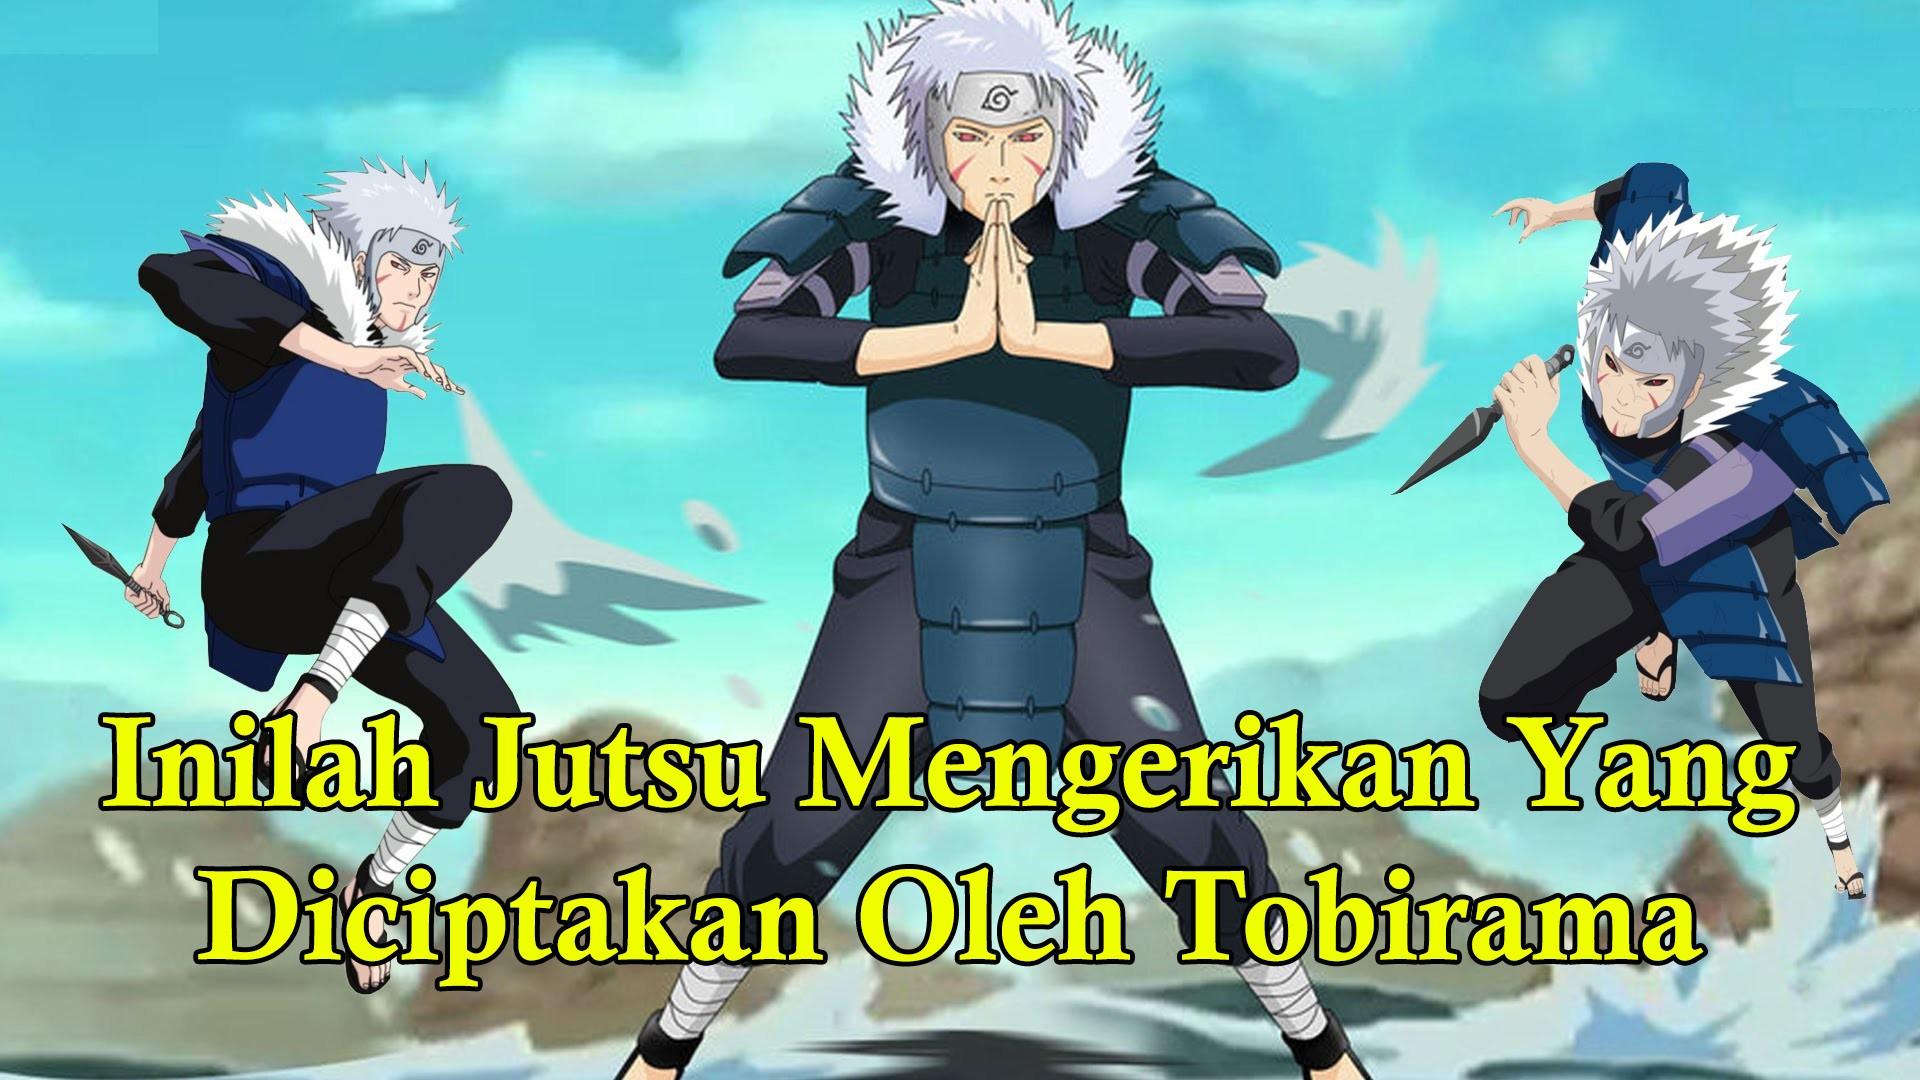 Inilah Beberapa Jutsu Mengerikan Yang Diciptakan Oleh Tobirama Senju Naruto Shippunden